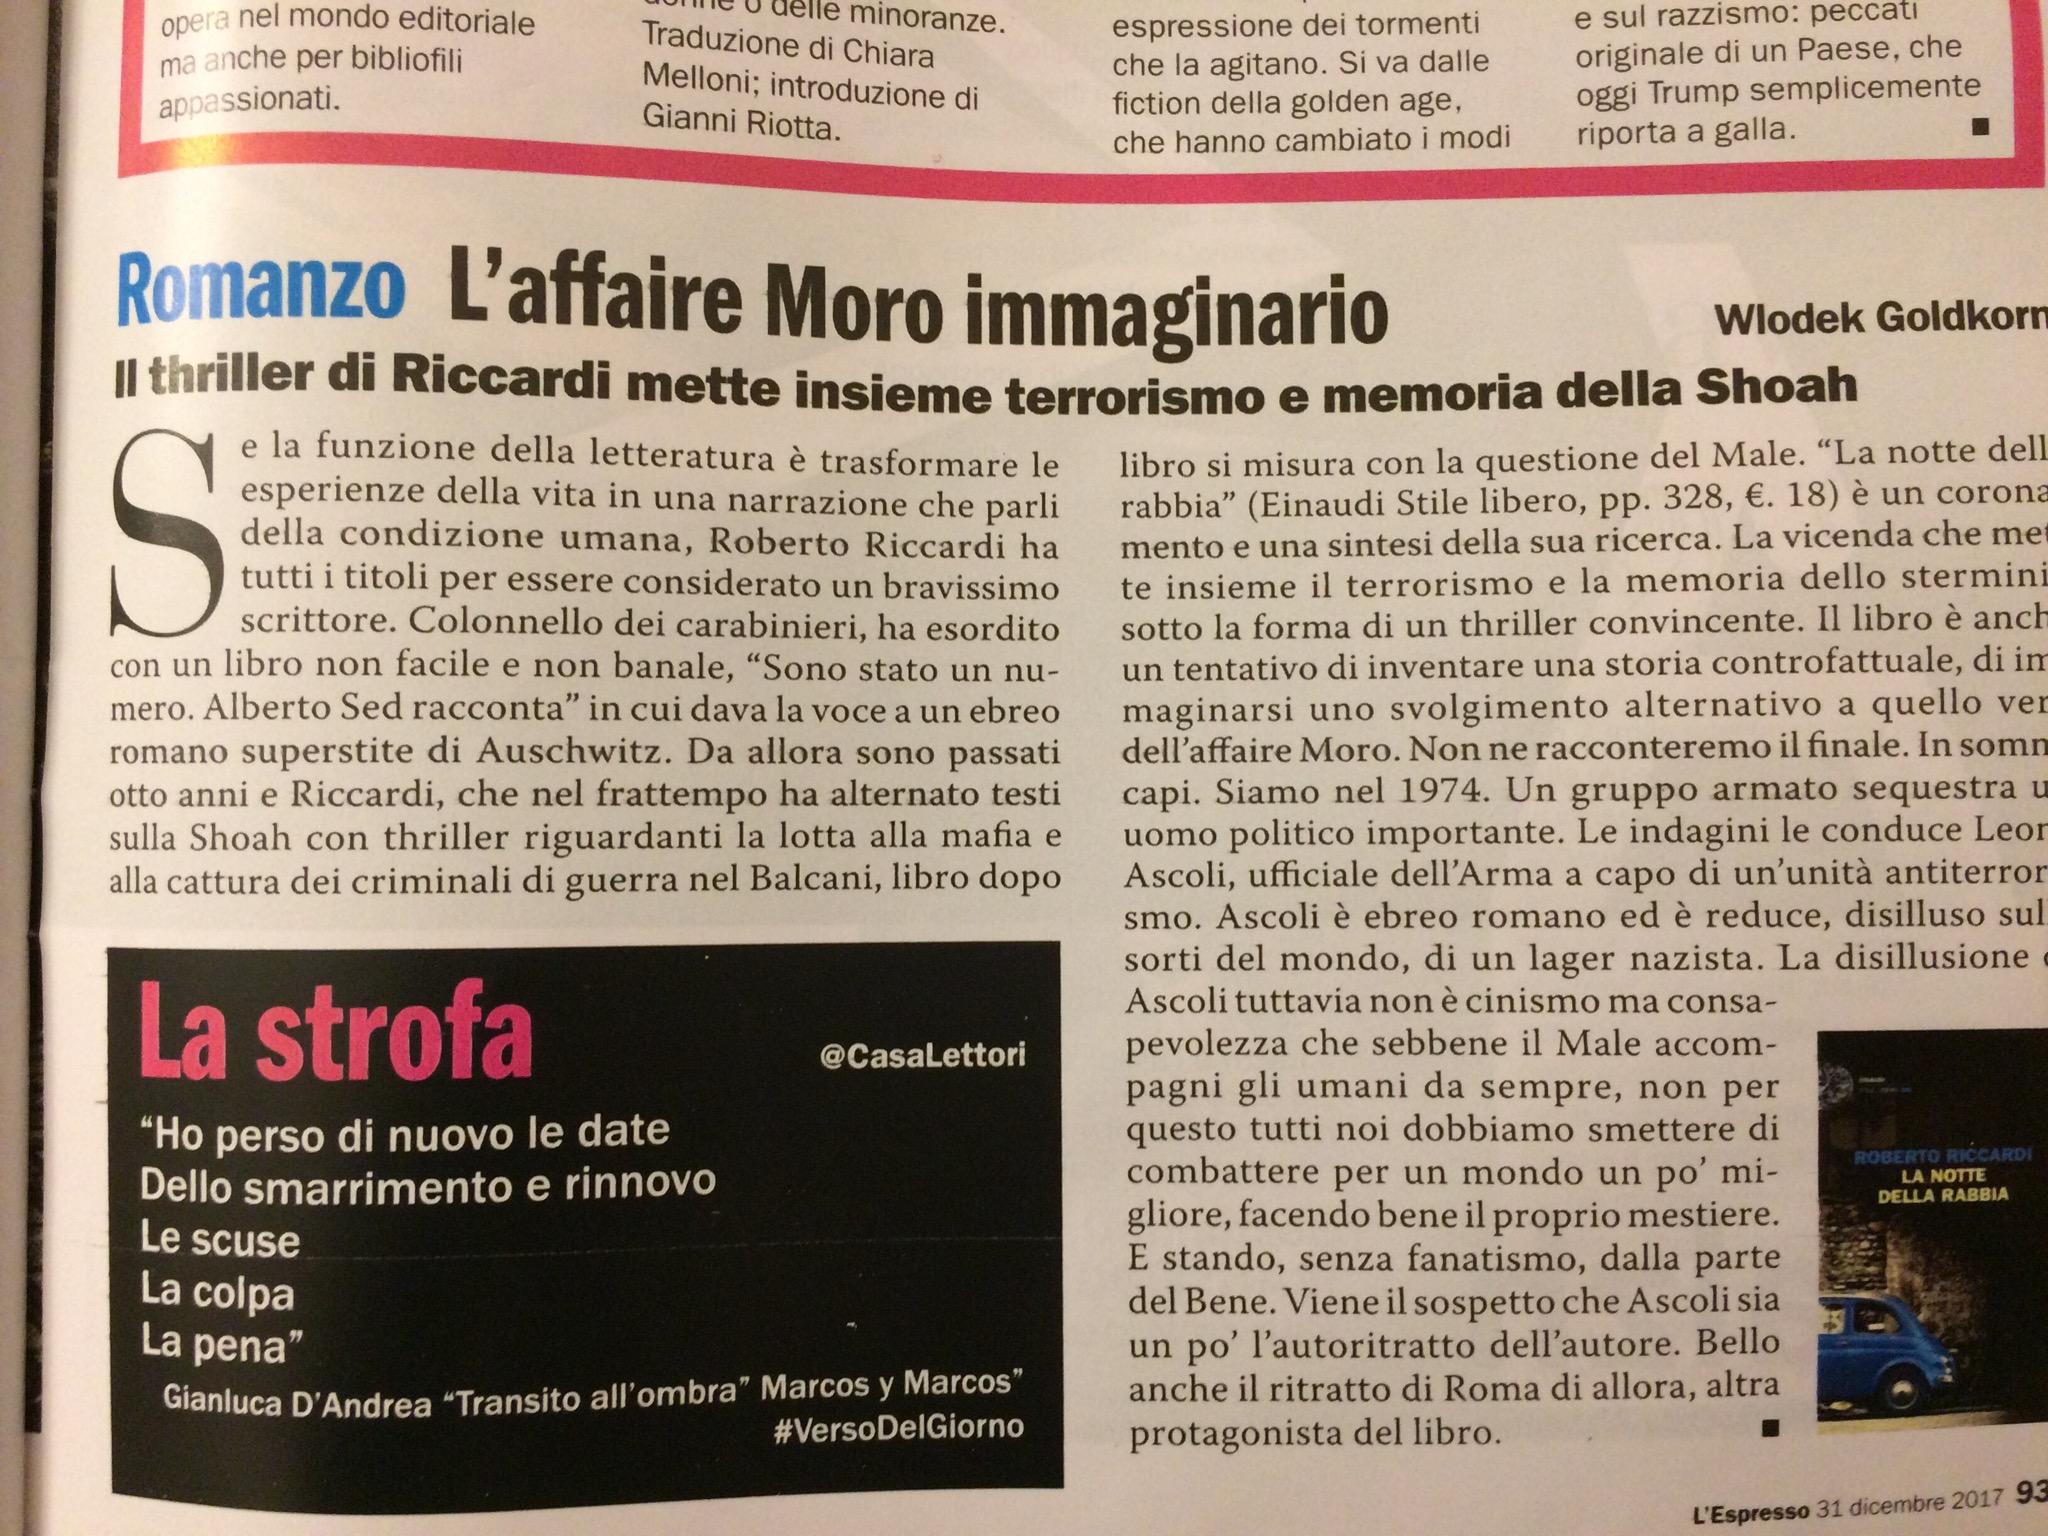 L'Espresso - La strofa